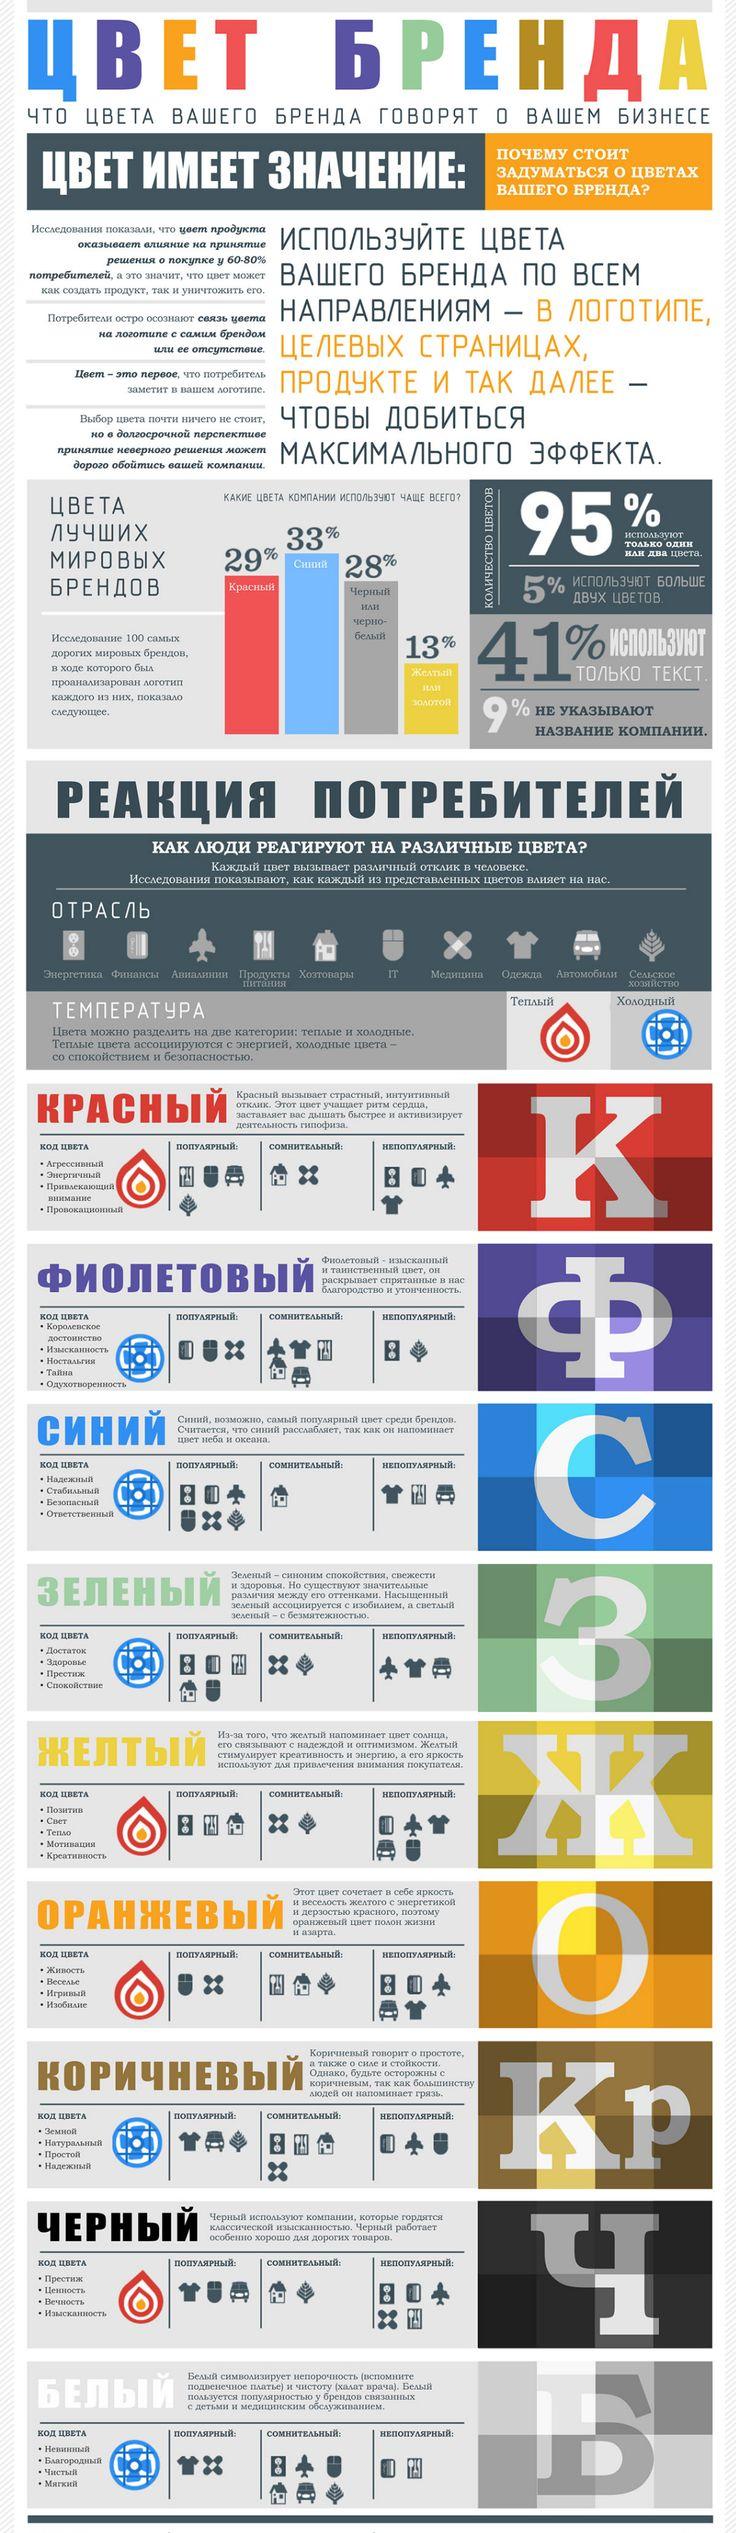 Отличная инфографика о том, как цвета бренда могут отпугивать клиентов, или, наоборот - поддерживать и развивать имидж компании.